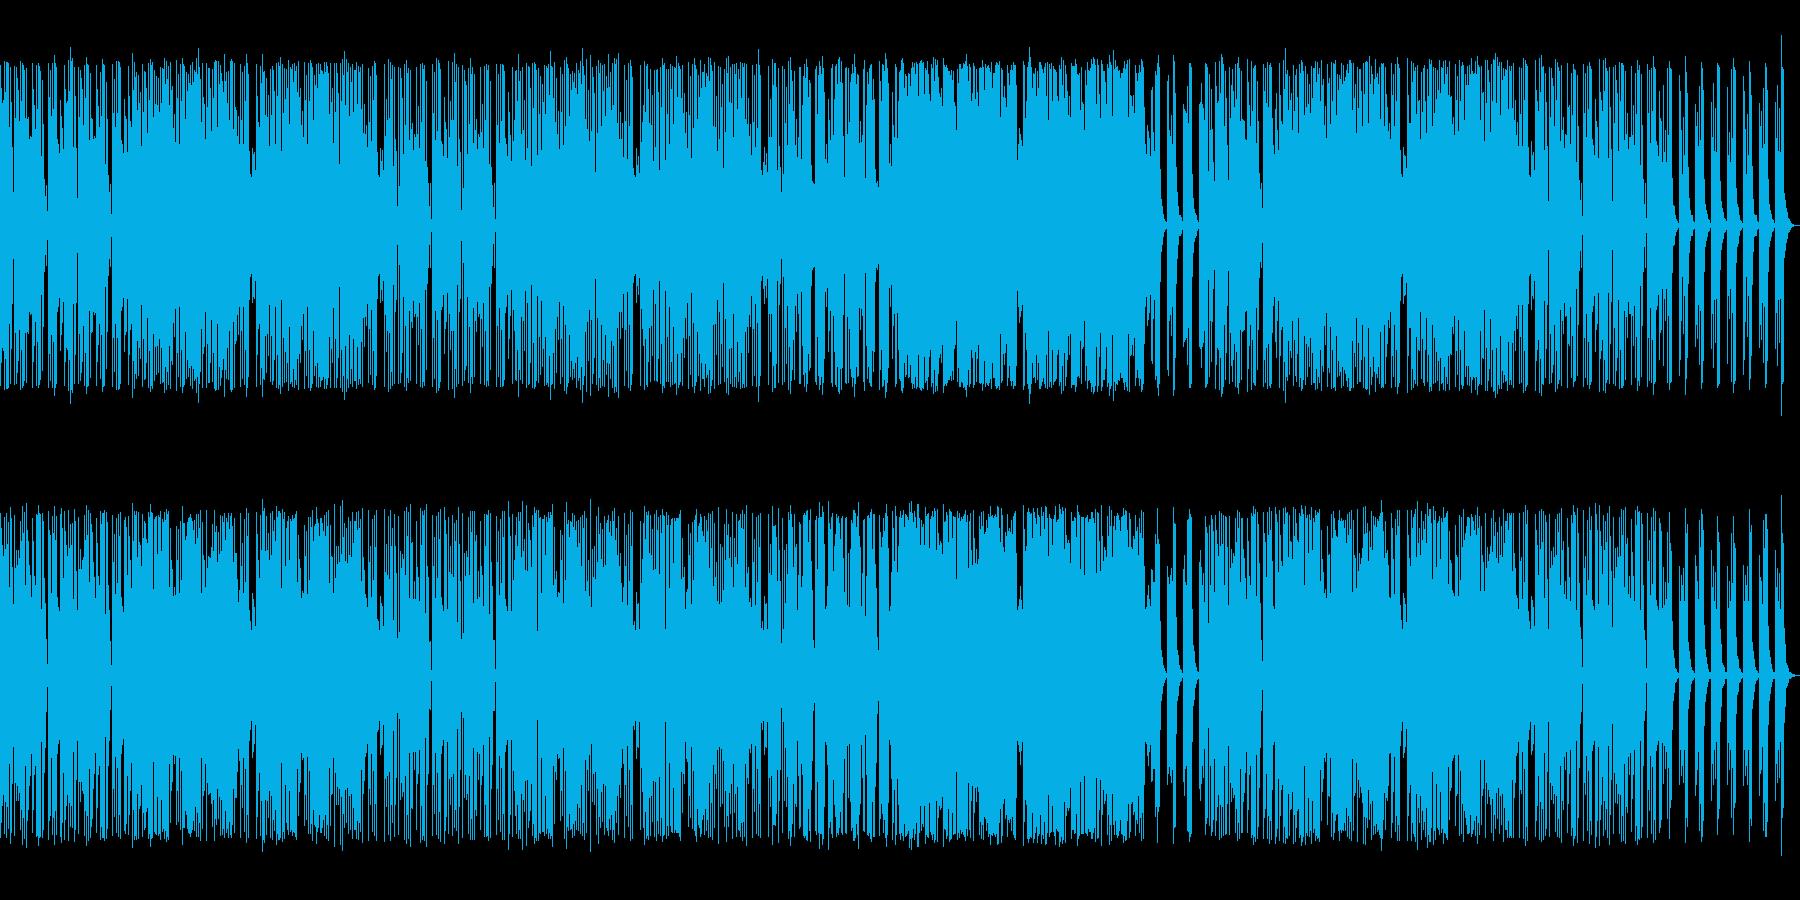 オルガン入りの再生済みの波形